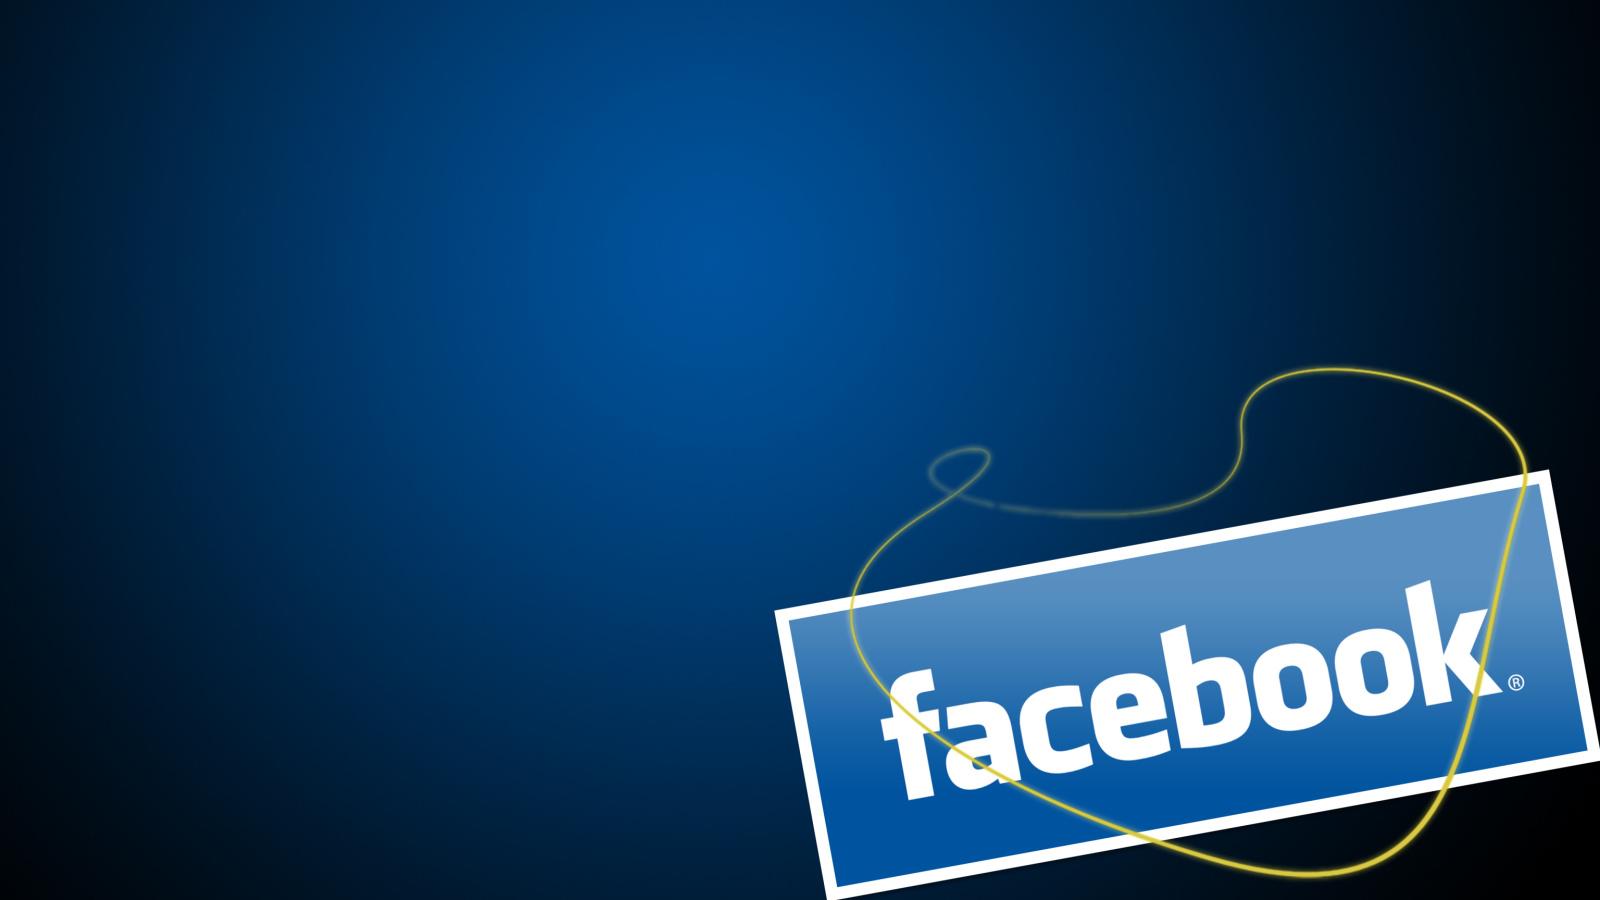 картинки для темы в фейсбук животе